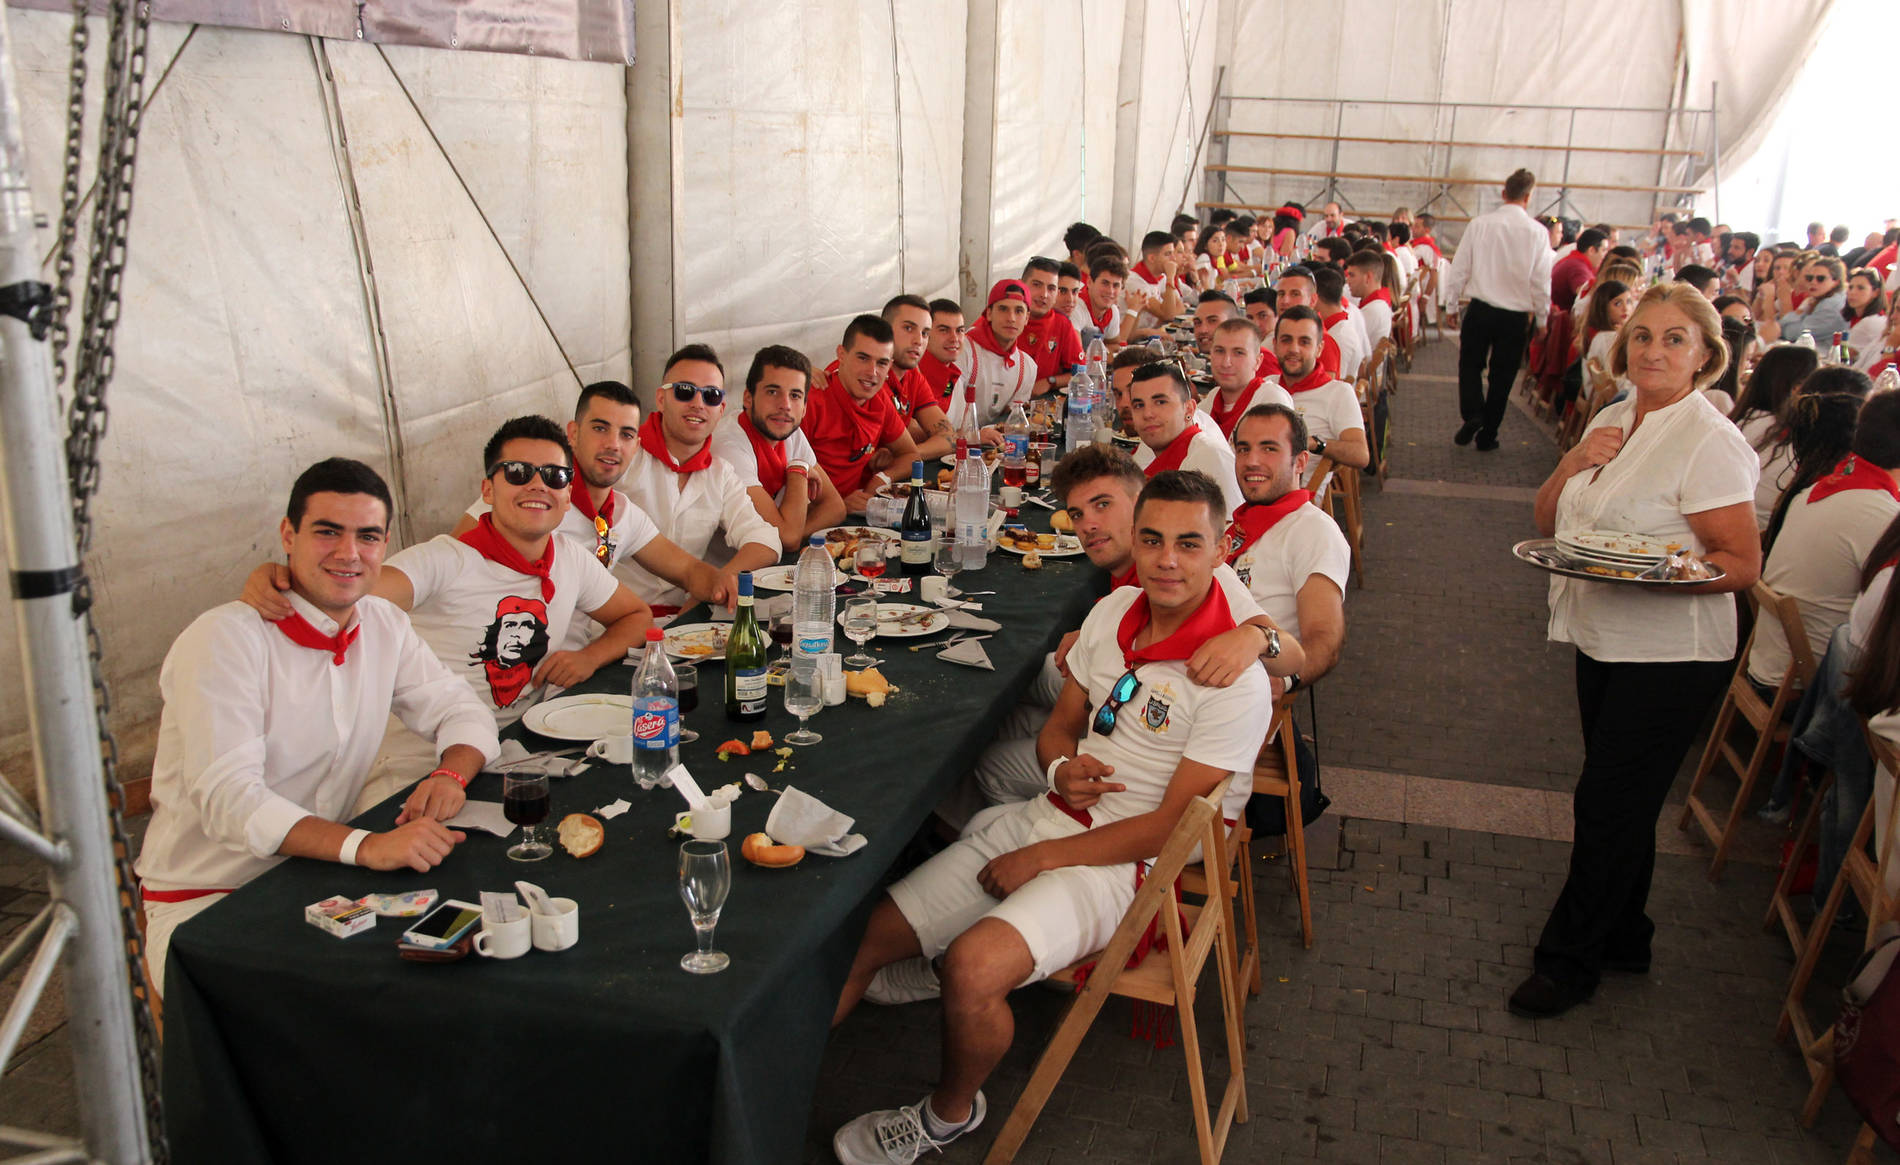 Comida del Día de las Peñas en Corella (1/6) - Comida del Día de las Peñas en fiestas de Corella 2017 - Tudela y Ribera -